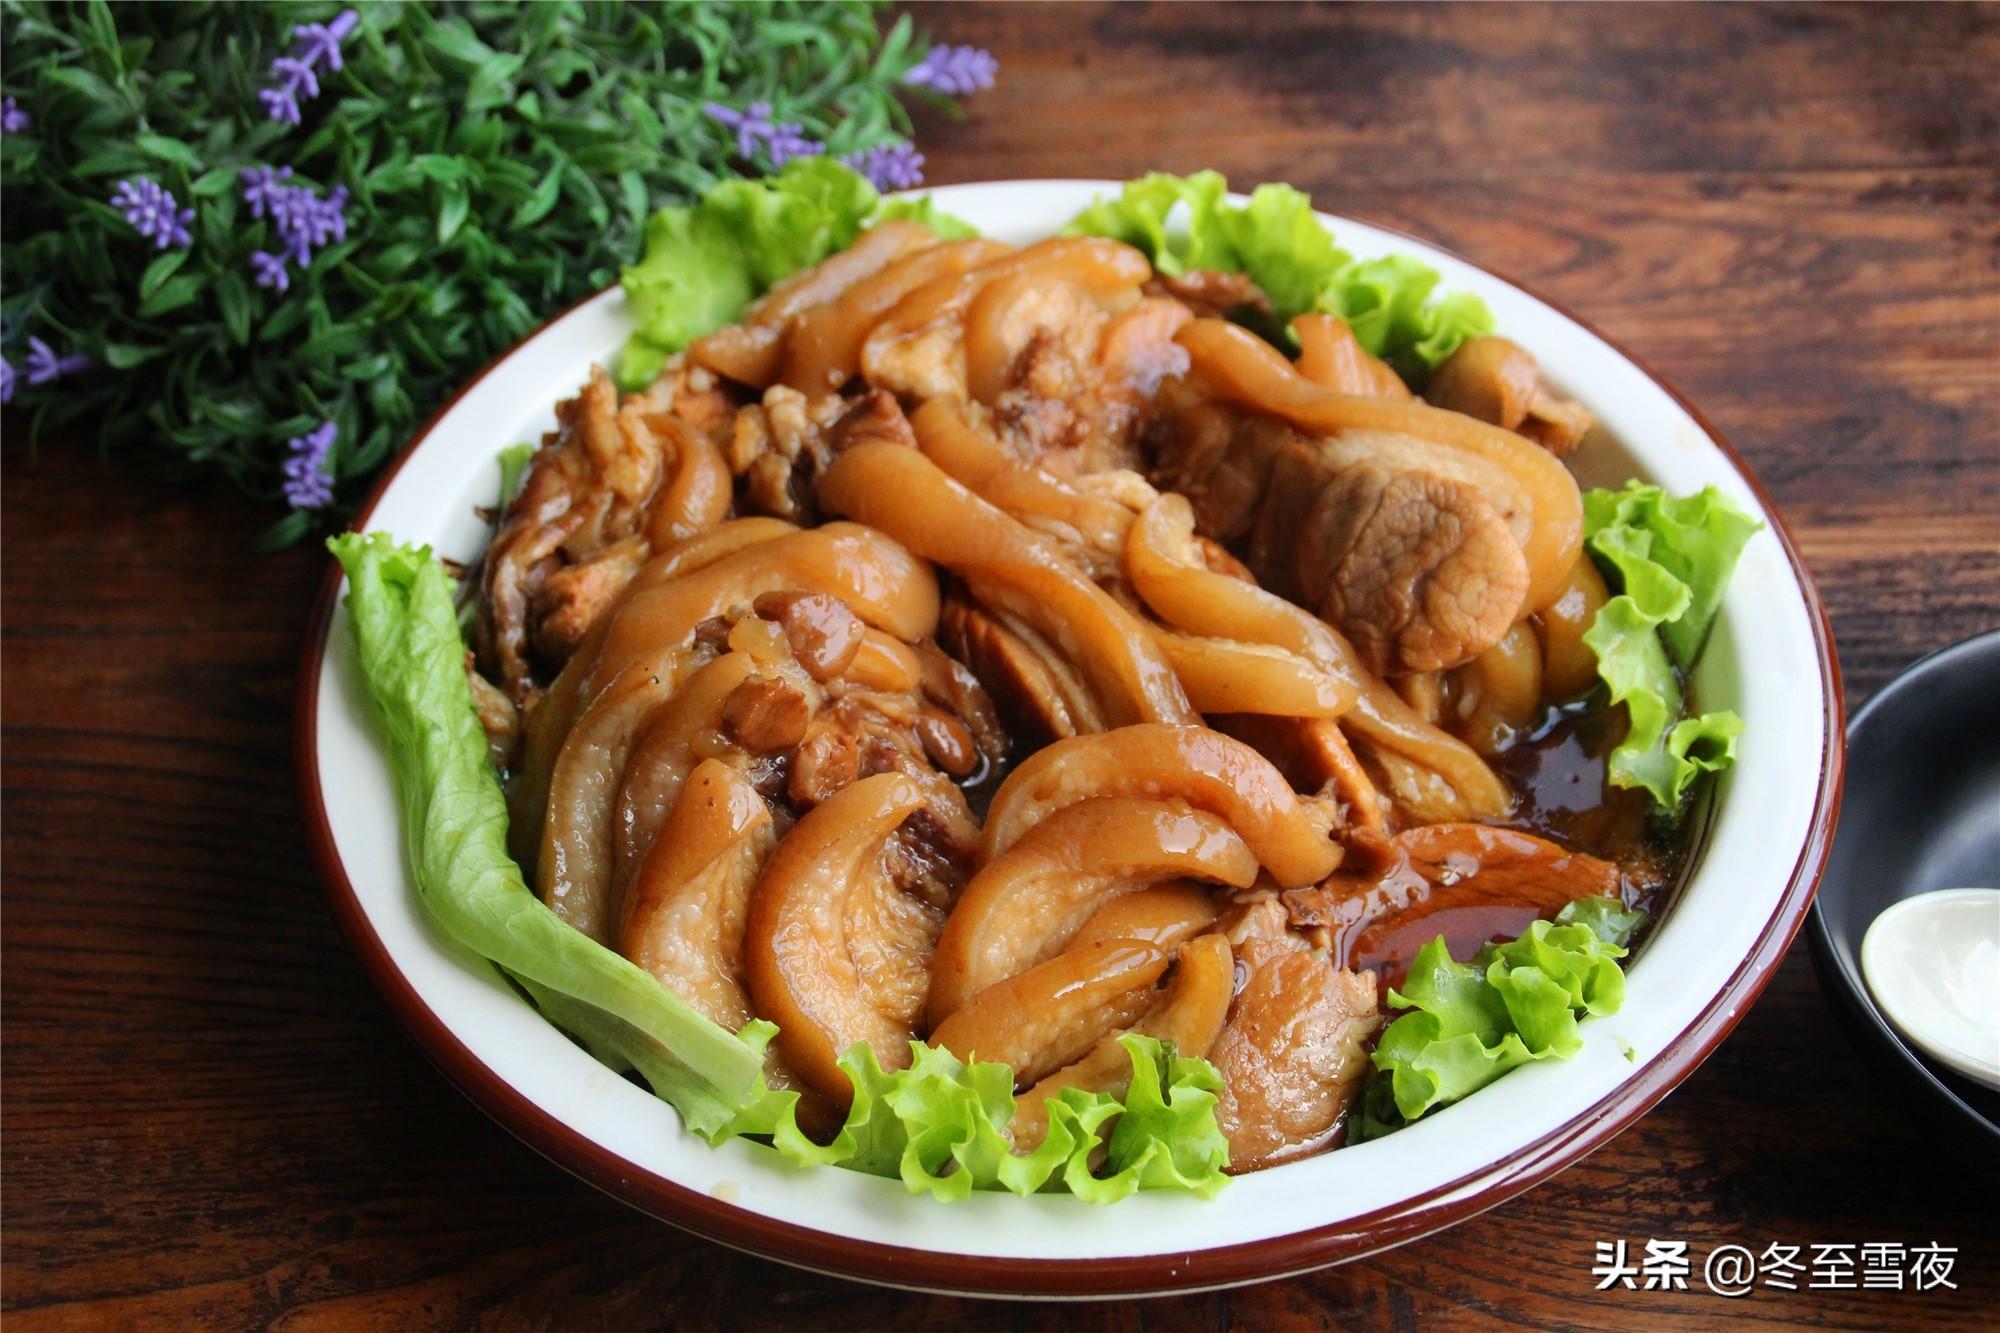 2021年夜饭菜单,东北传统风味的16个菜,都是下酒下饭硬菜 东北菜谱 第2张